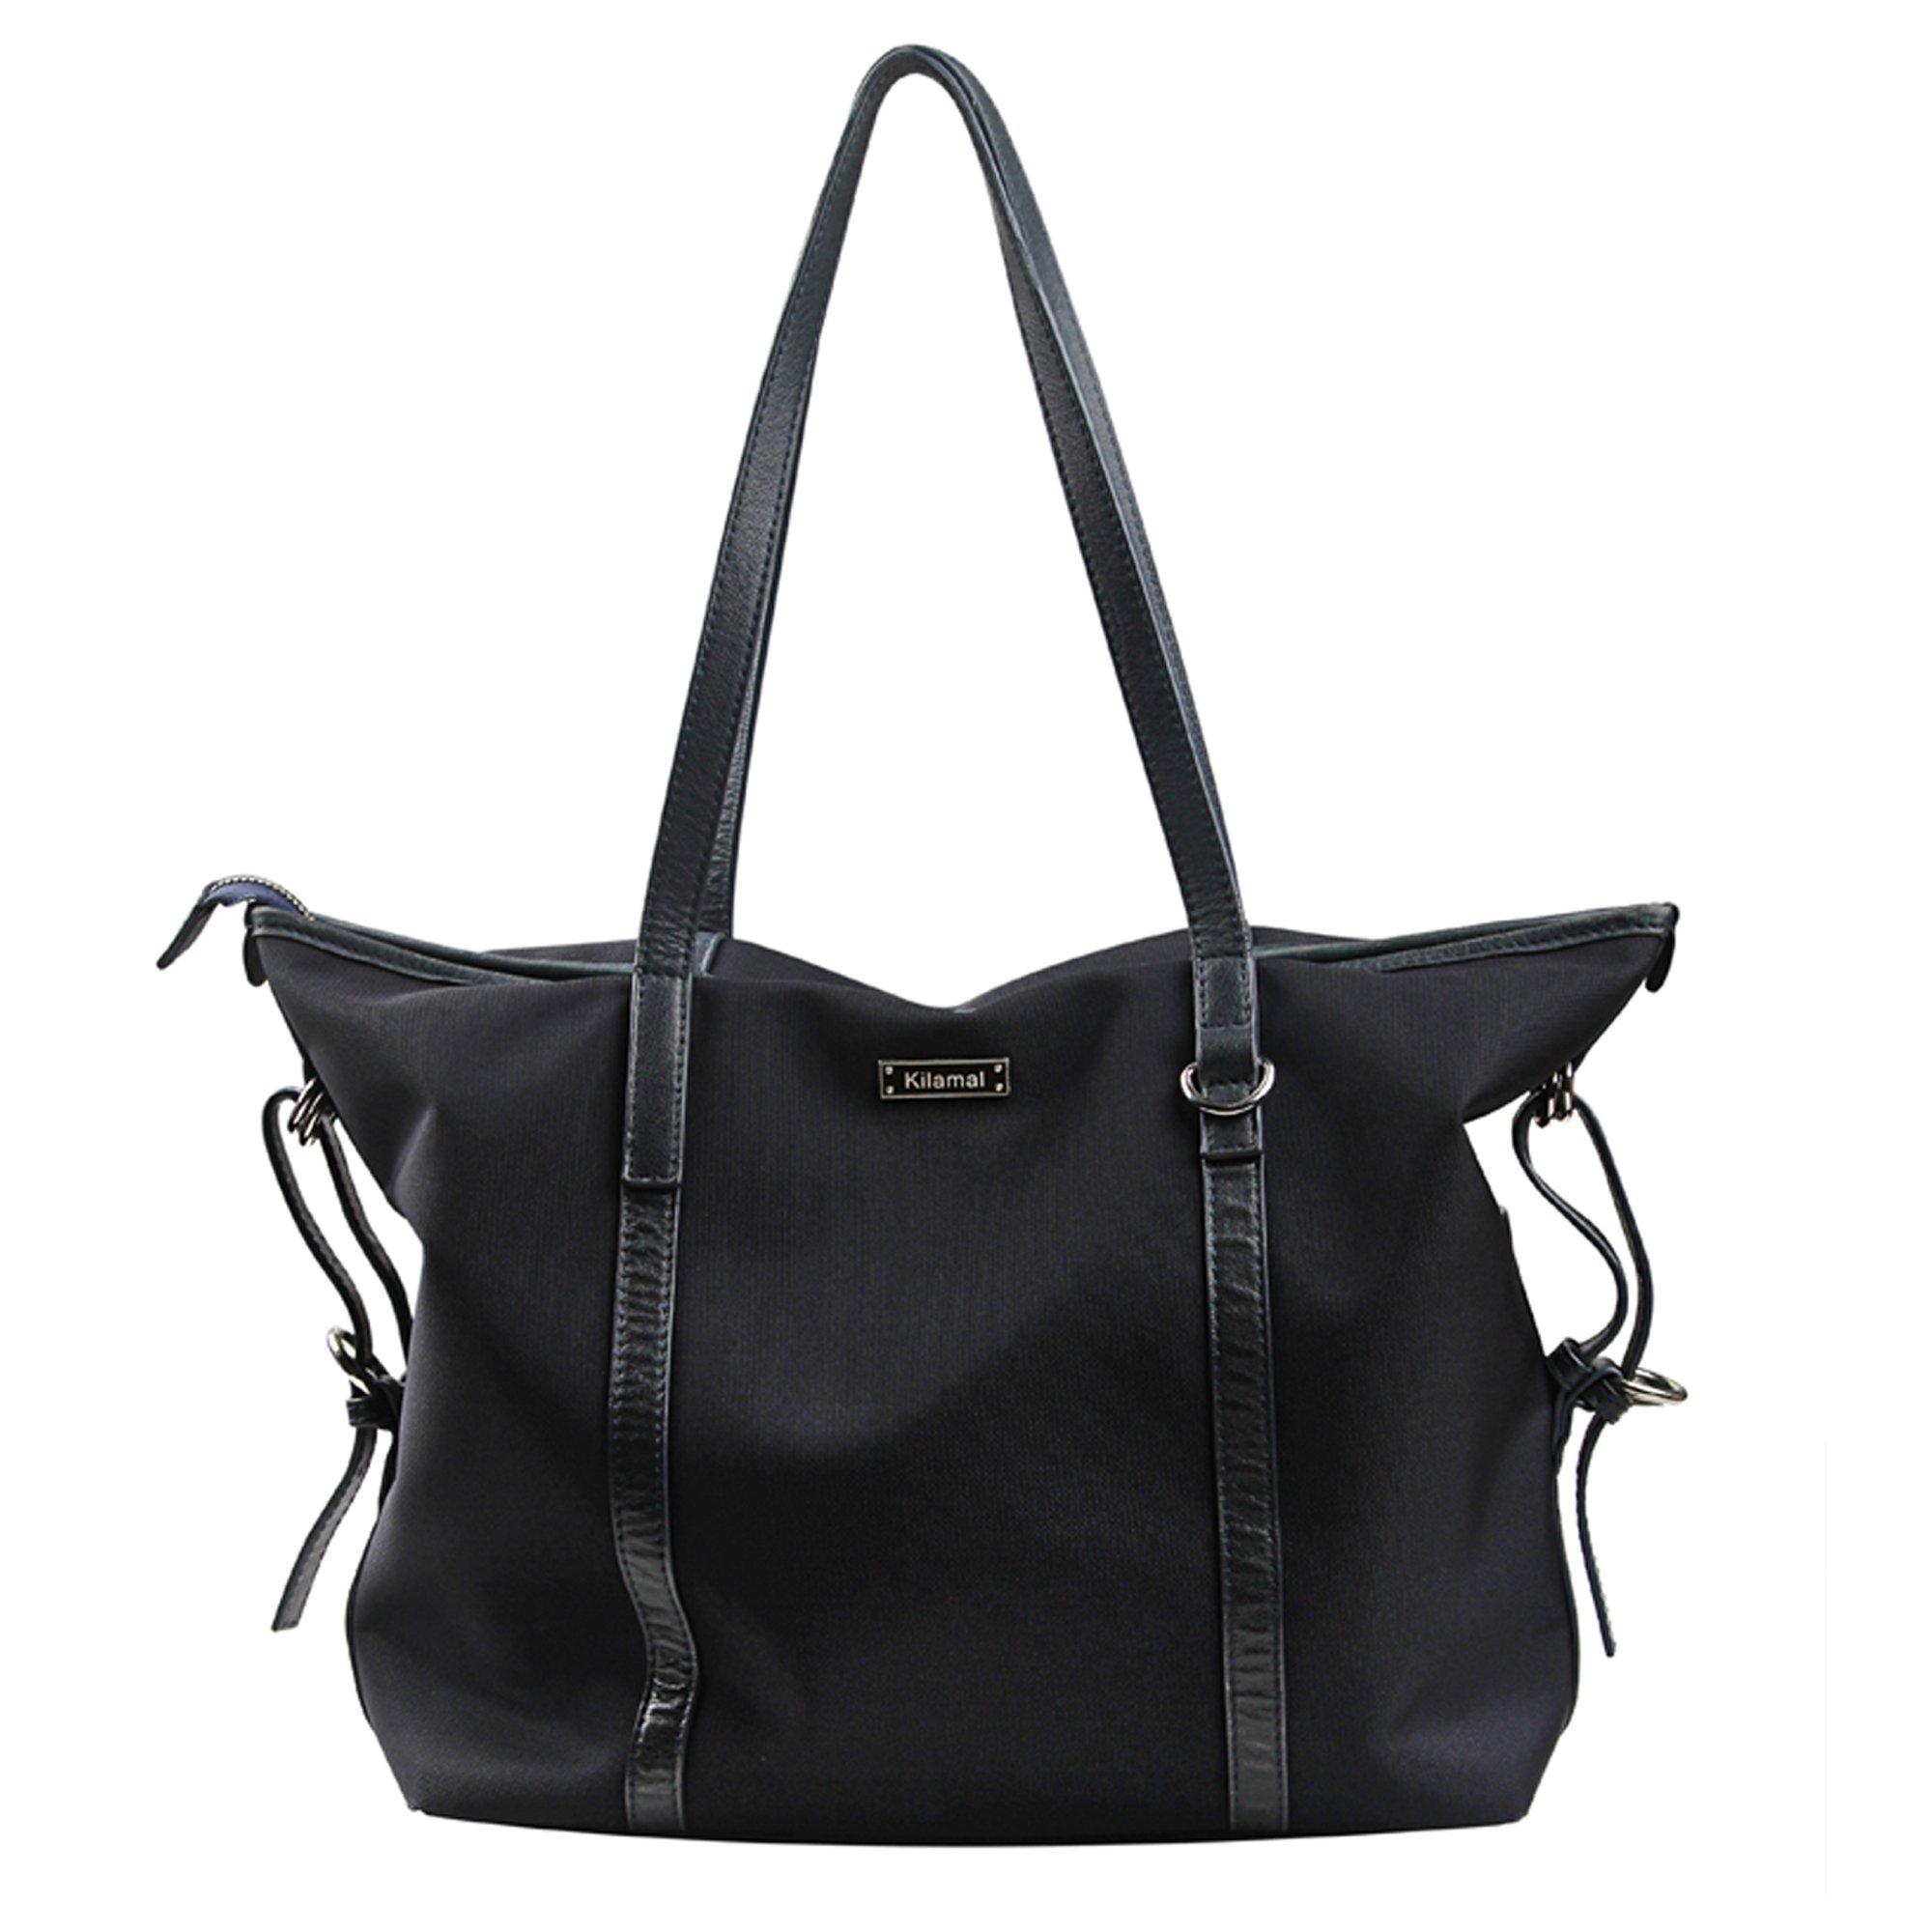 Kilamal Women Handbags Top Handle Totes by Kilamal